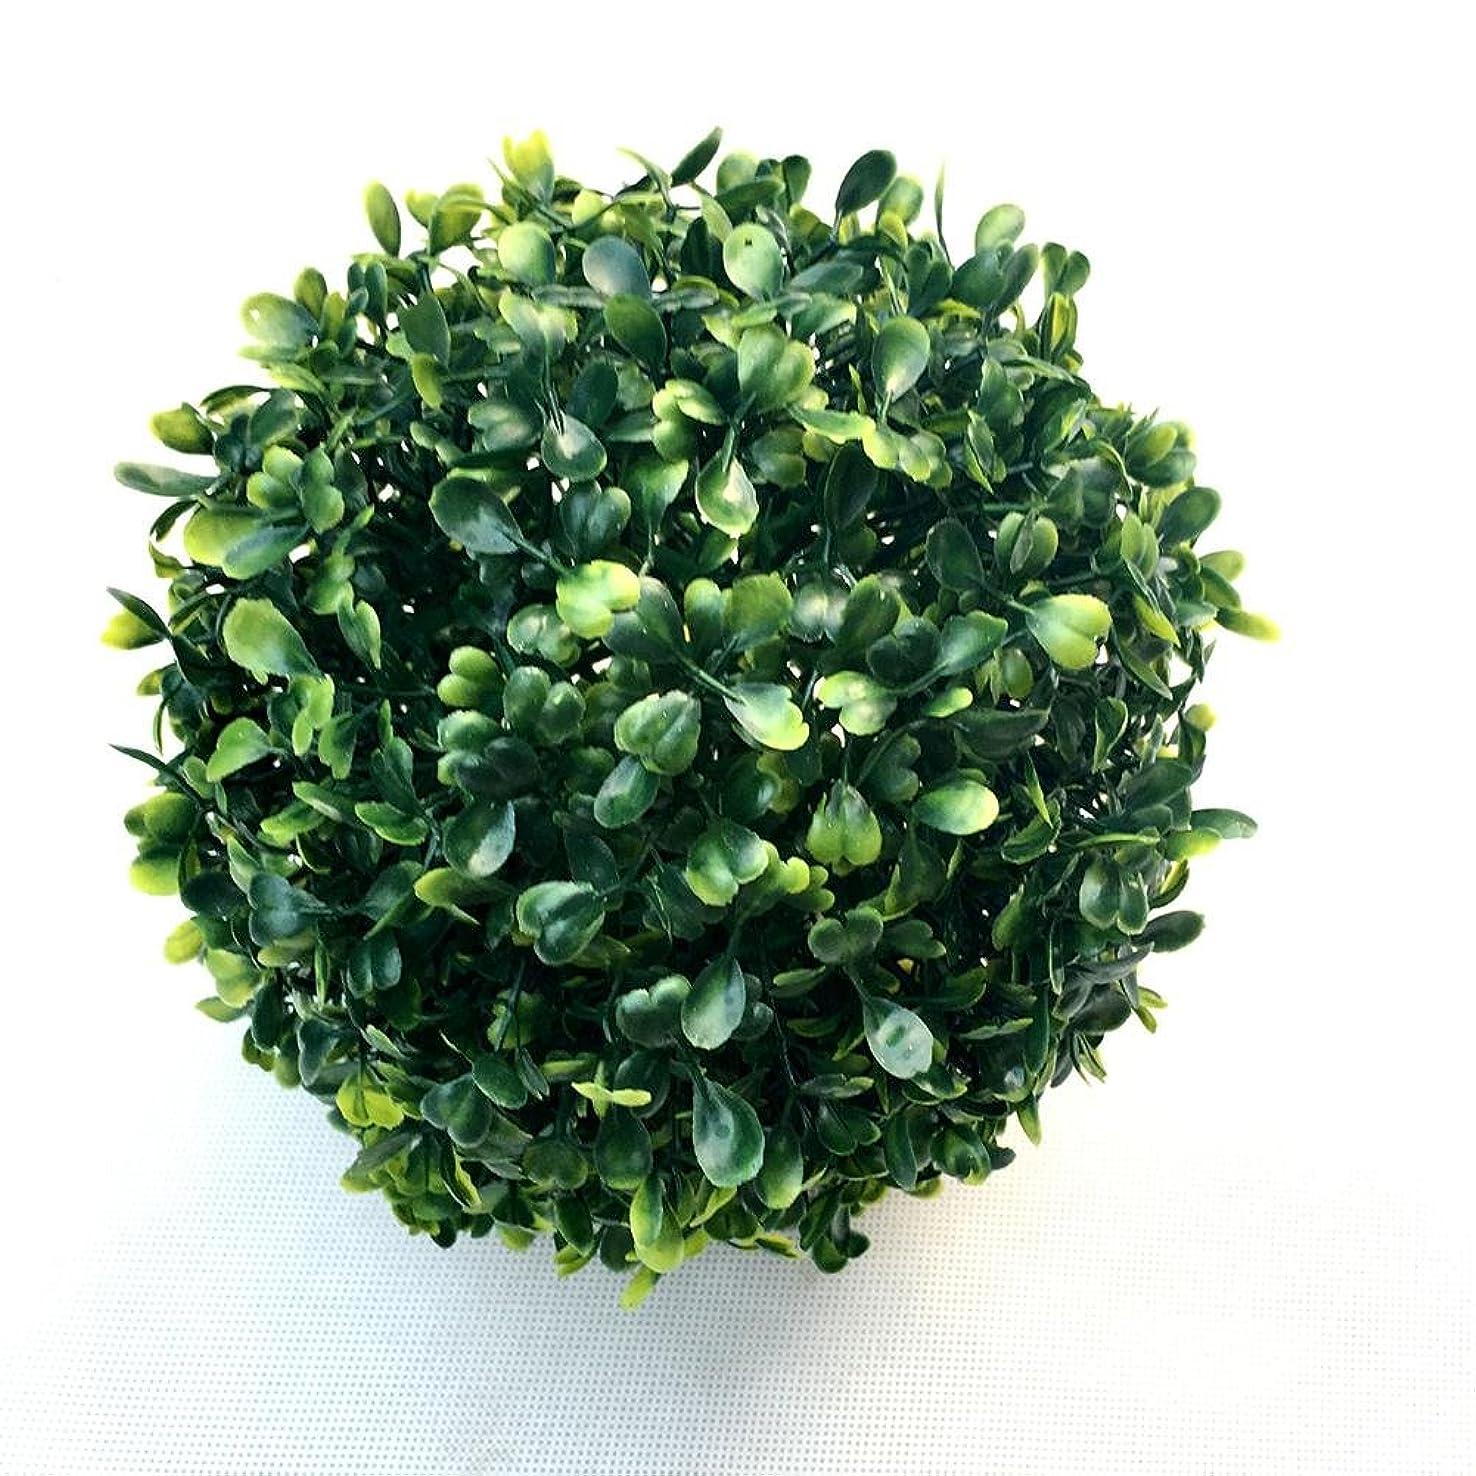 廃止最愛のルアーJicorzo - 1 PCのシミュレートプラスチックままボール人工芝ボールホームパーティー結婚式の装飾[15センチメートル]